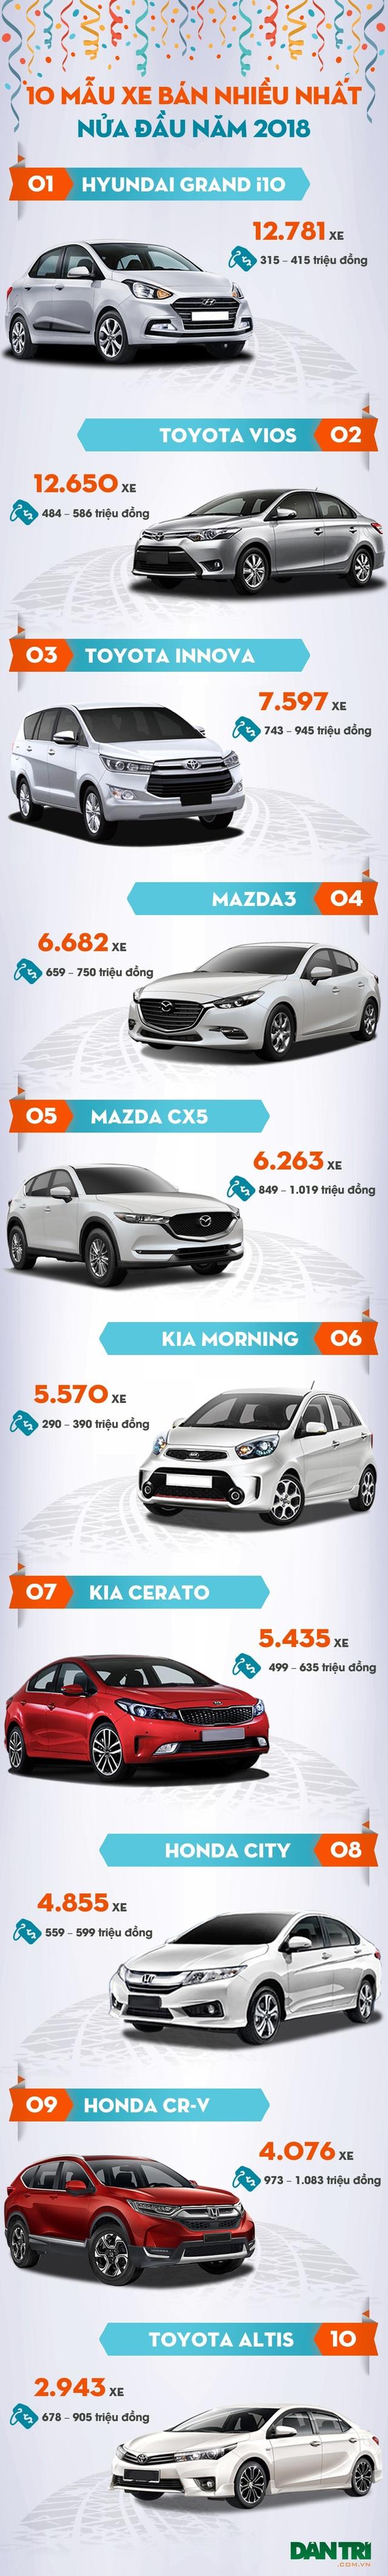 Top 10 mẫu xe bán nhiều nhất nửa đầu năm 2018 - 1